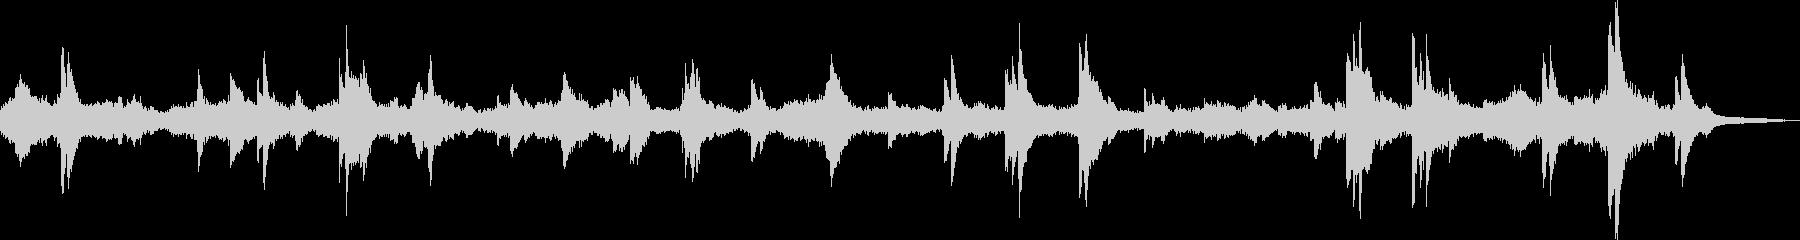 不穏で不気味なピアノBGMの未再生の波形